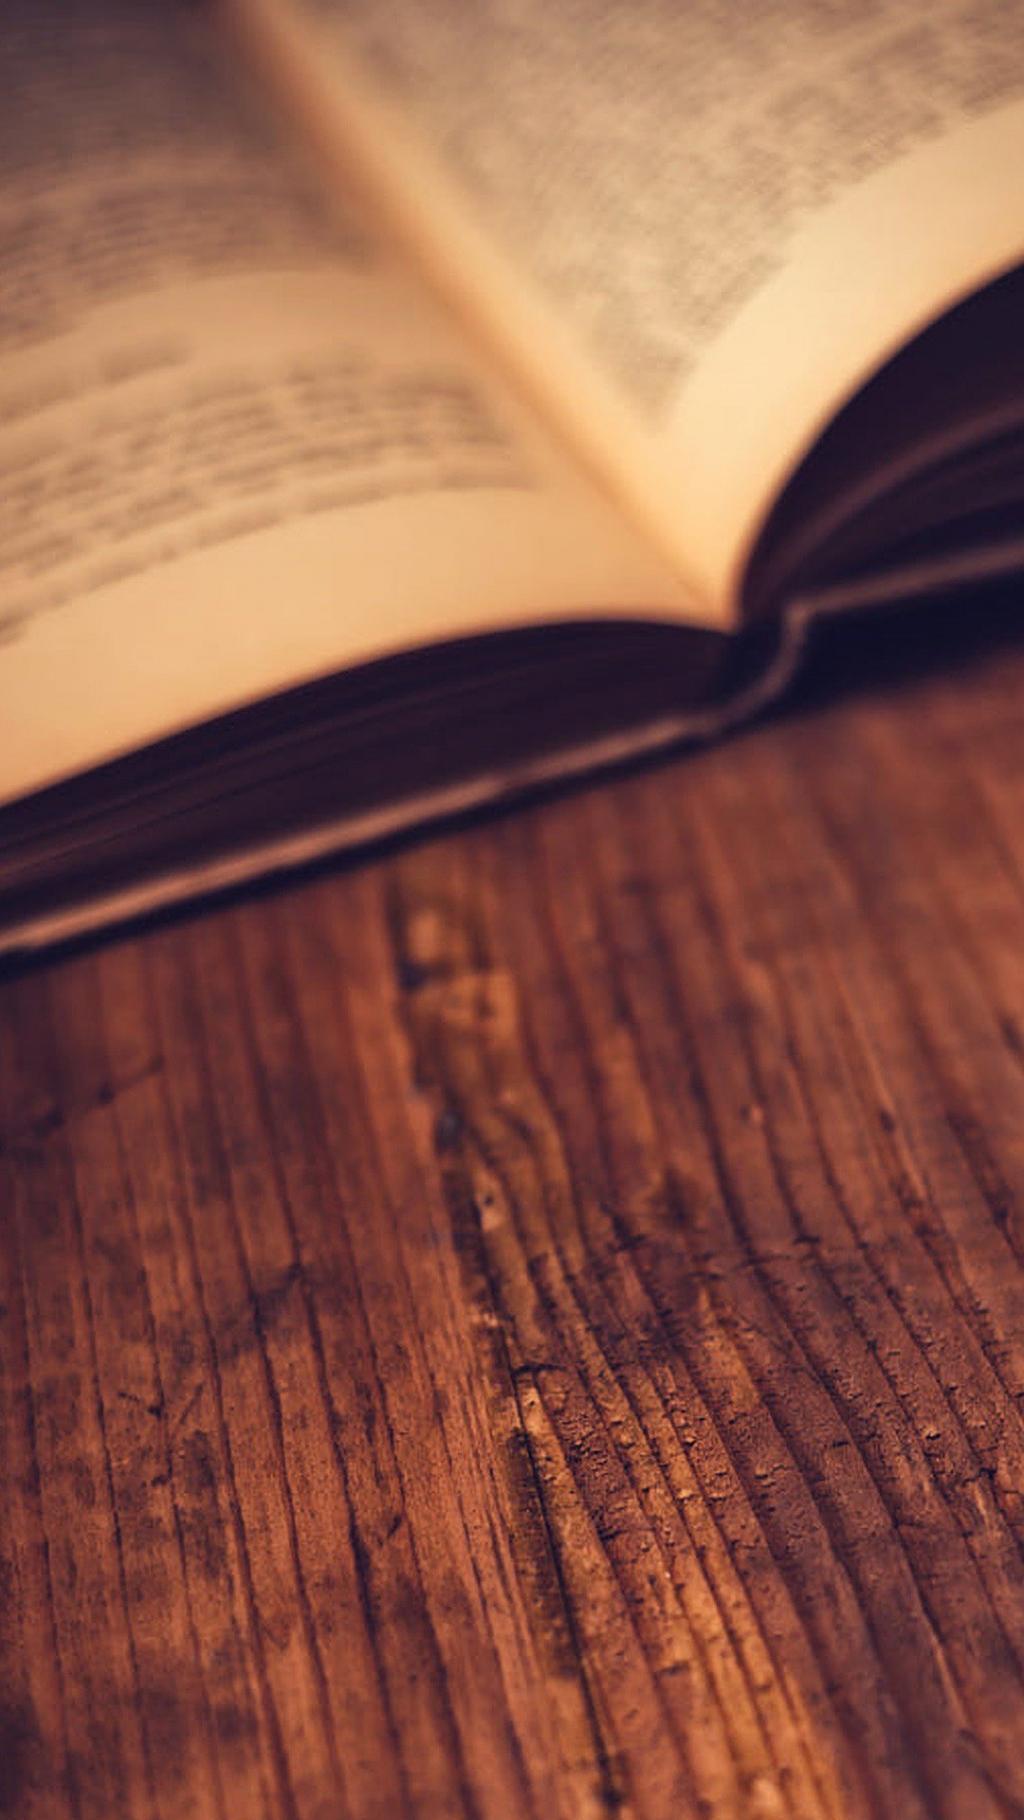 唯美书柜书籍场景